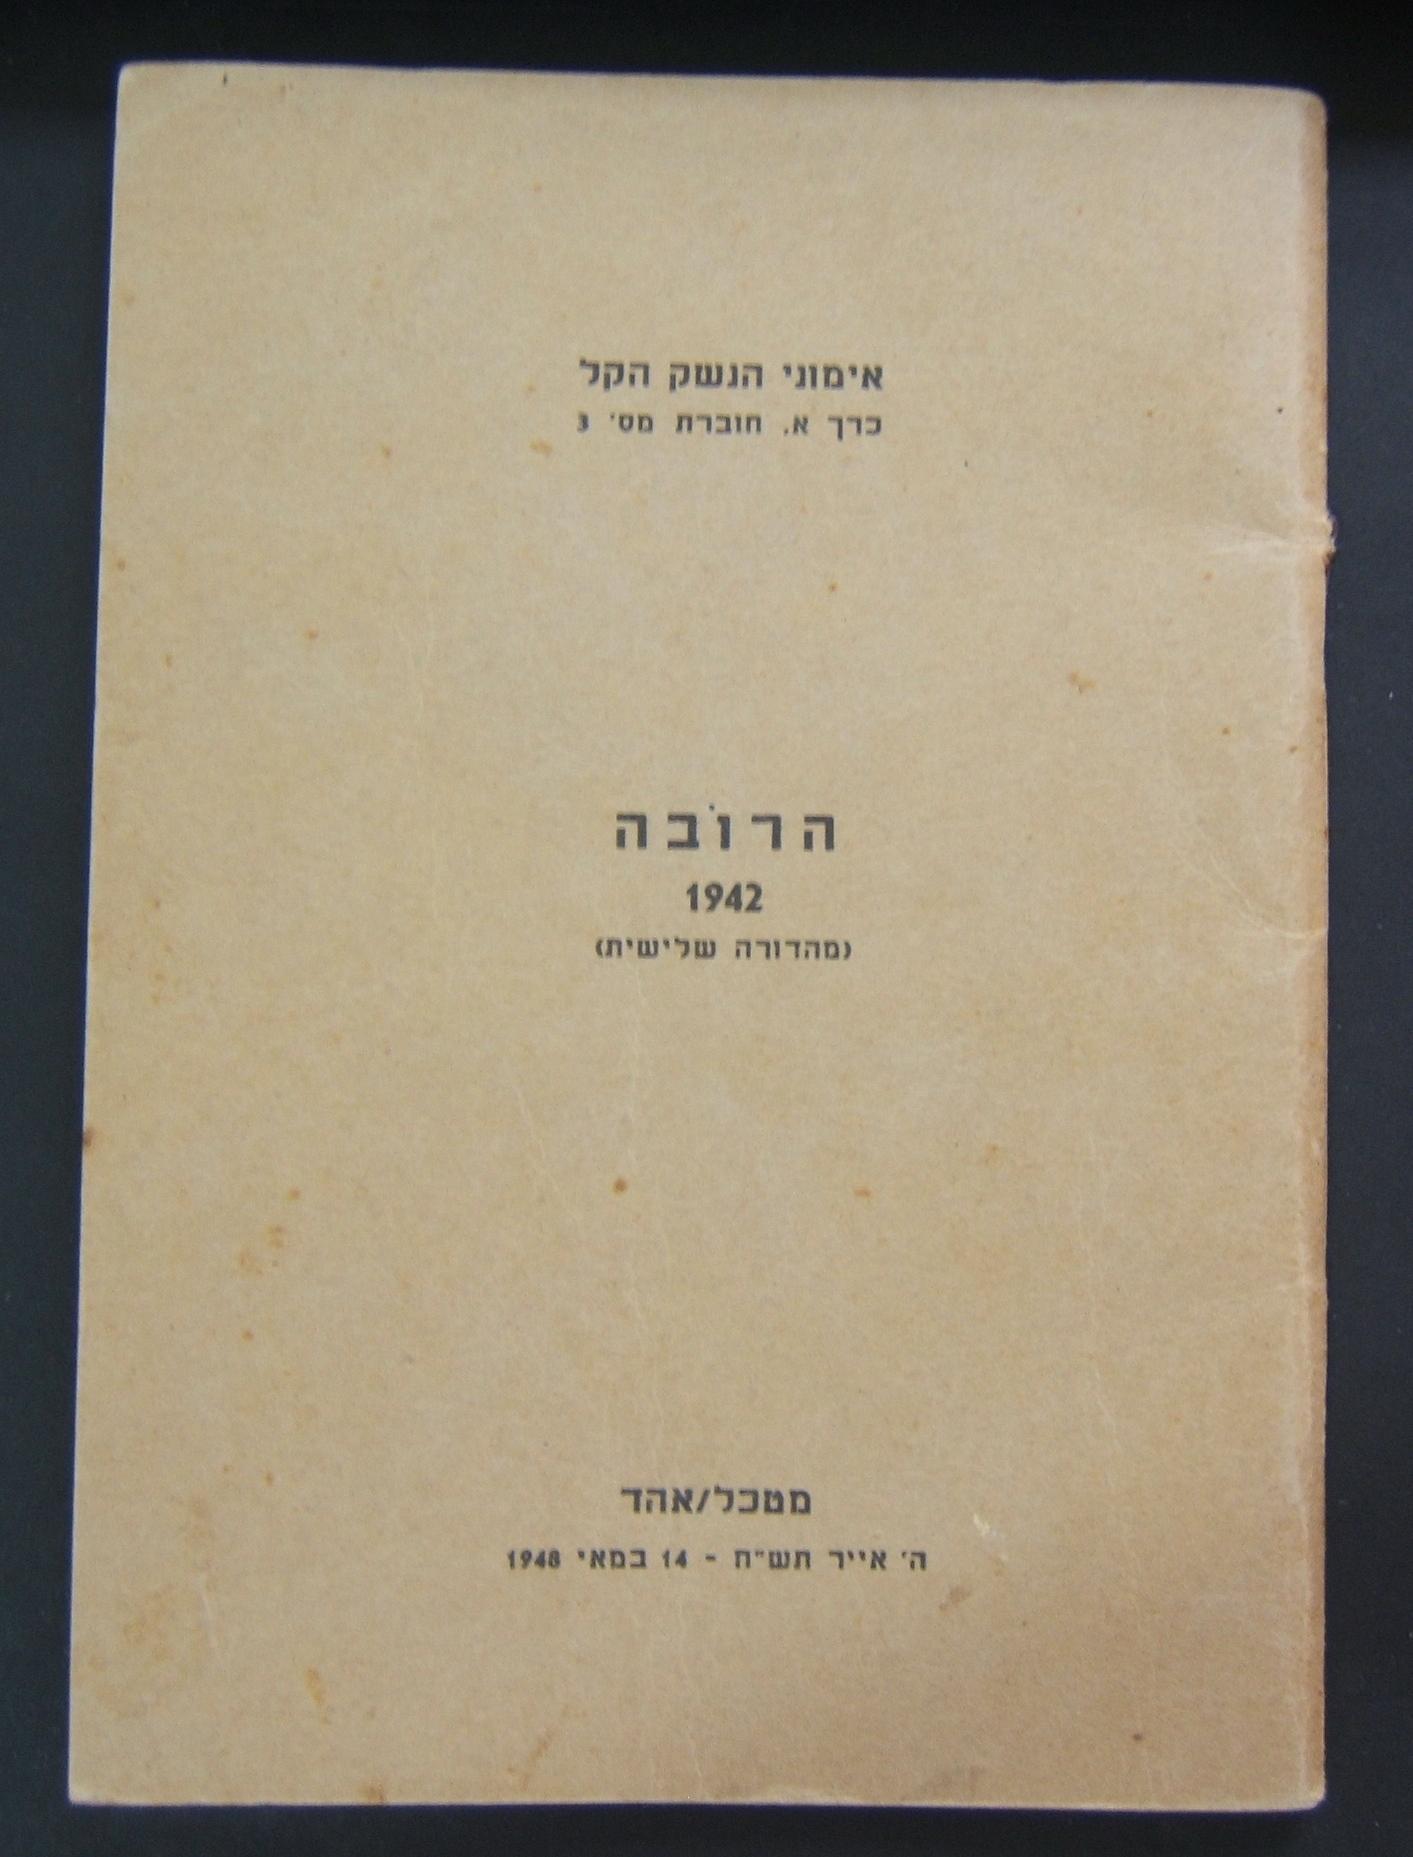 الجيش الإسرائيلي / جيش الدفاع الإسرائيلي فترة الاستقلال العسكرية دليل التدريب في البندقية 1948